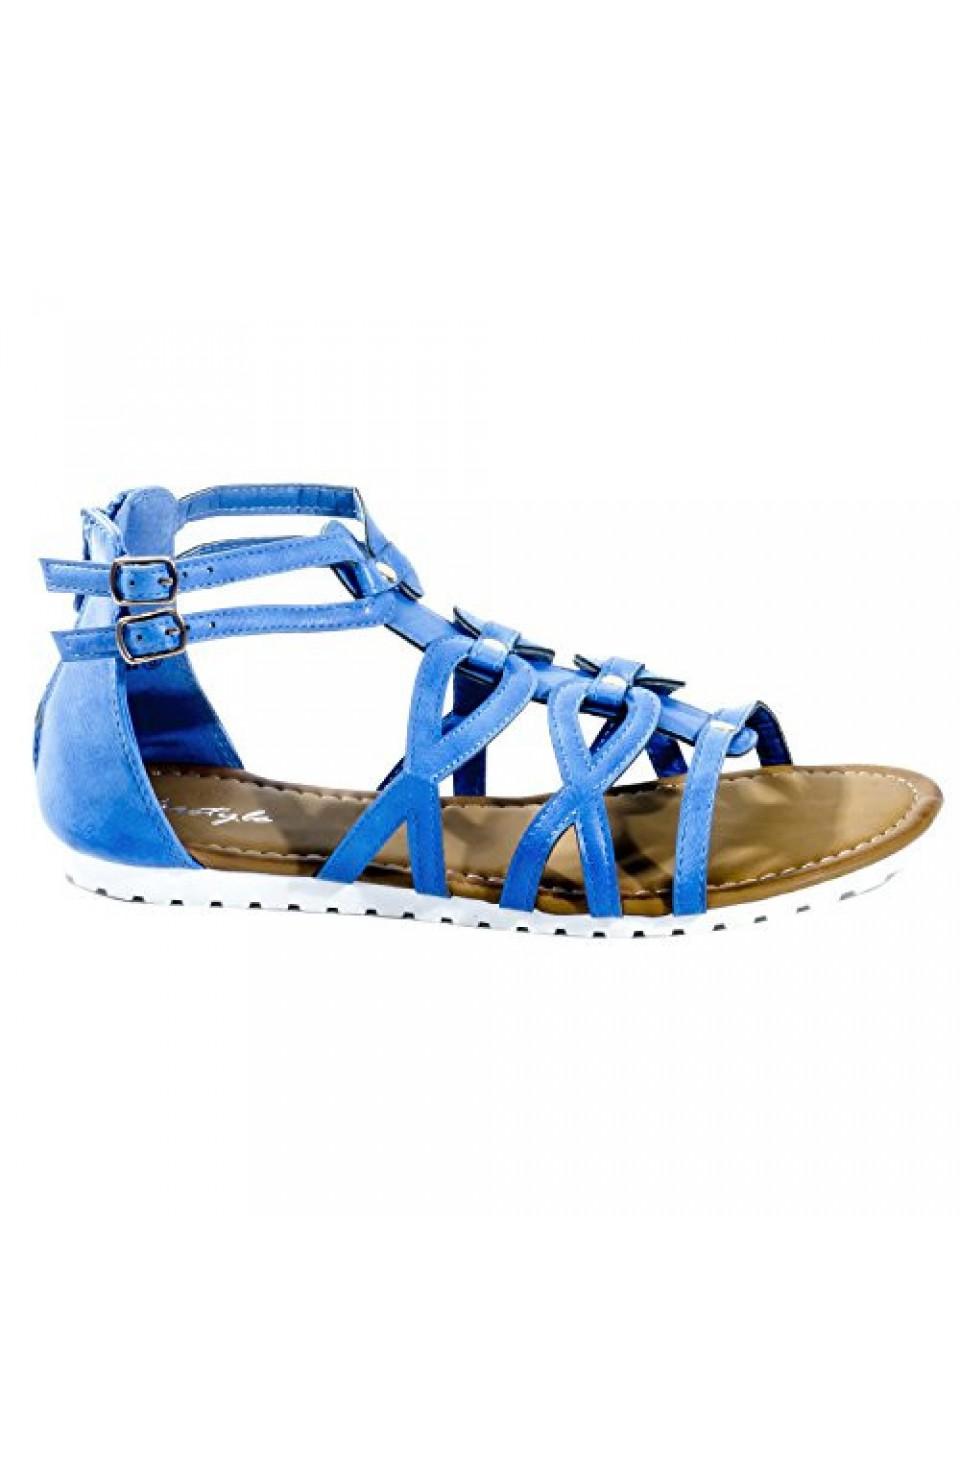 Women's Royal Blue Manmade Gwennaa Gladiator Sandal with Metallic Studs